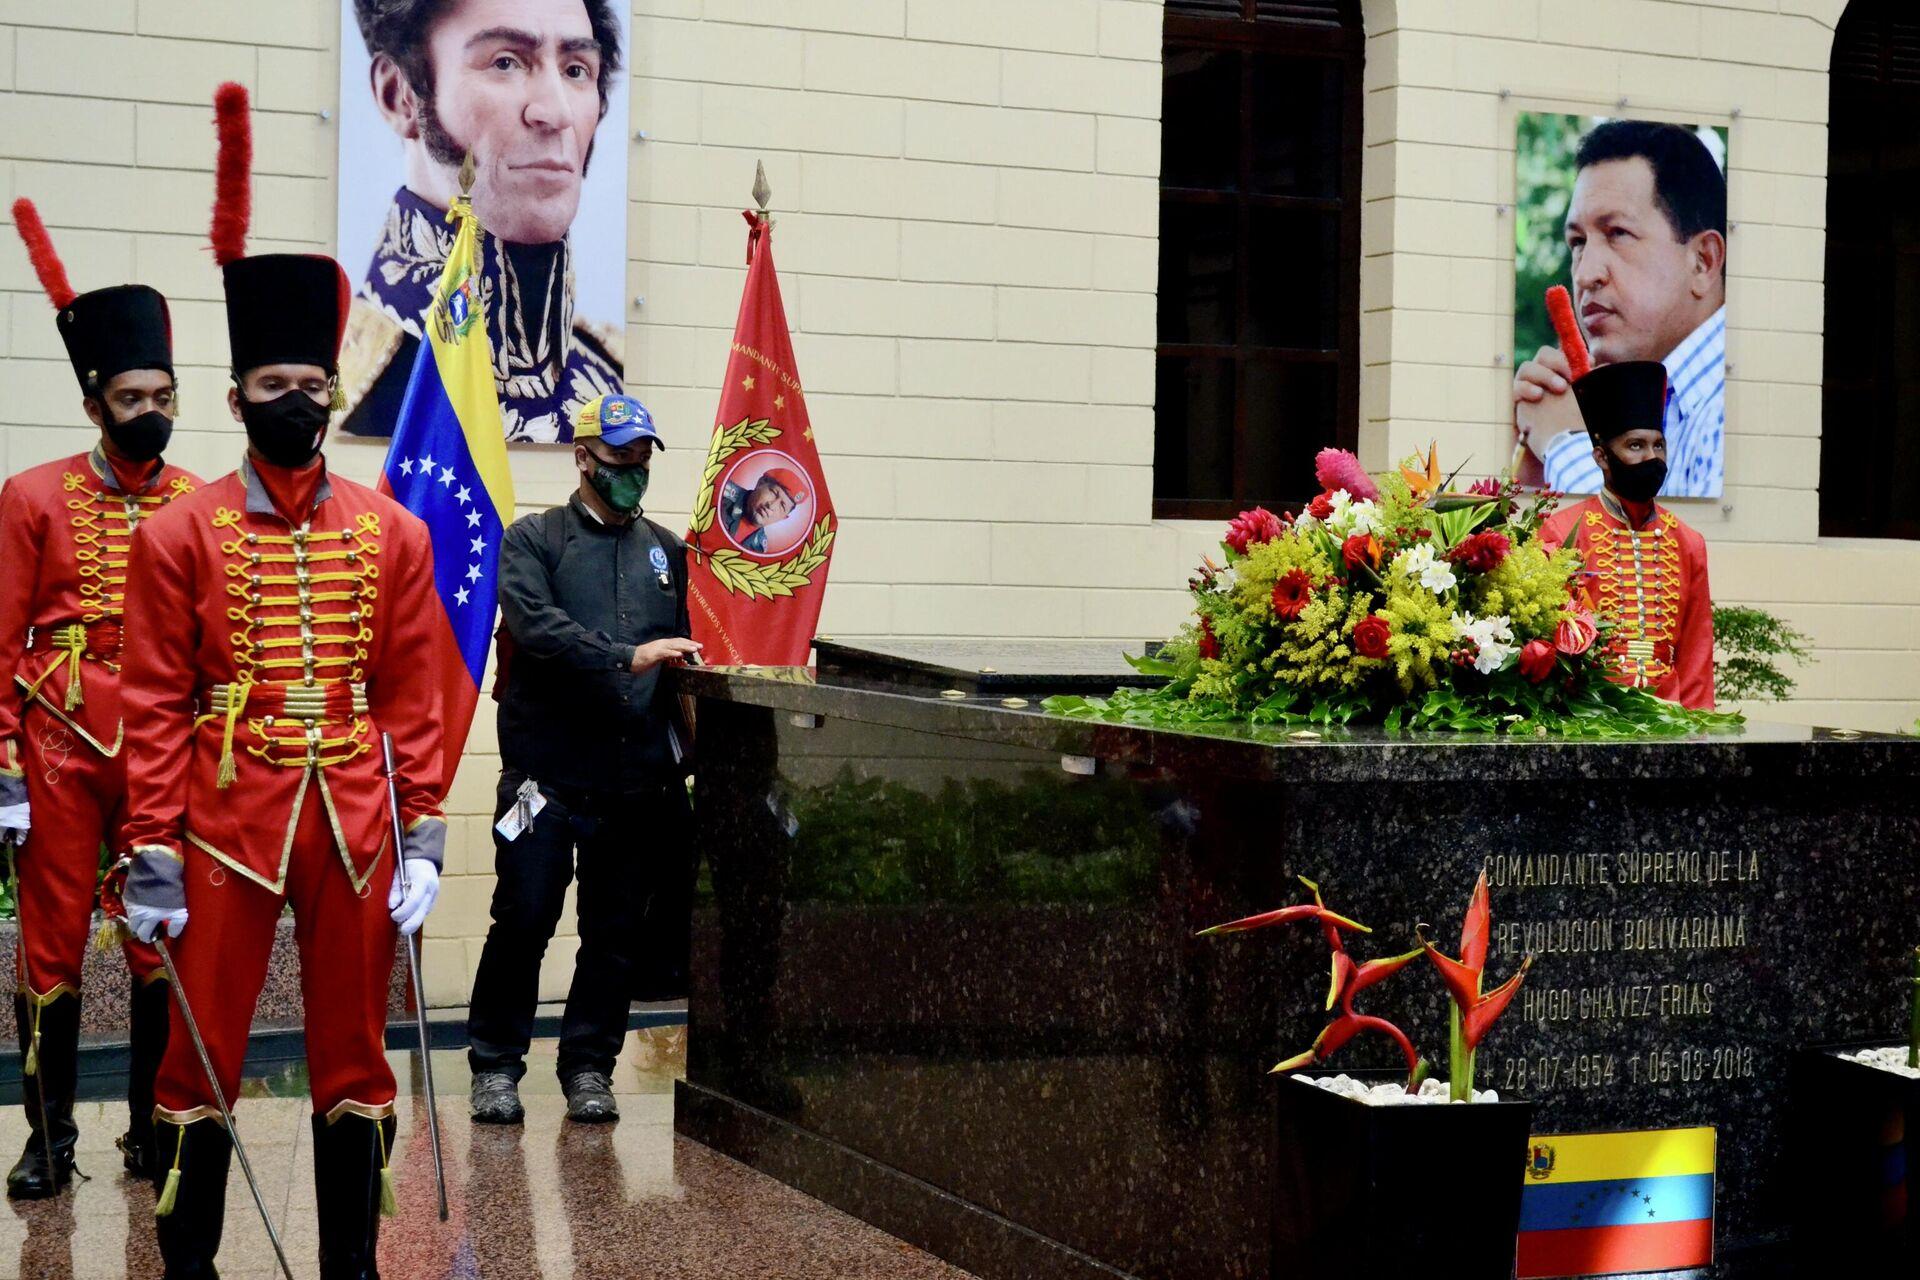 David Méndez apoya su mano sobre el mármol que cubre los restos mortales de Hugo Chávez - Sputnik Mundo, 1920, 29.07.2021